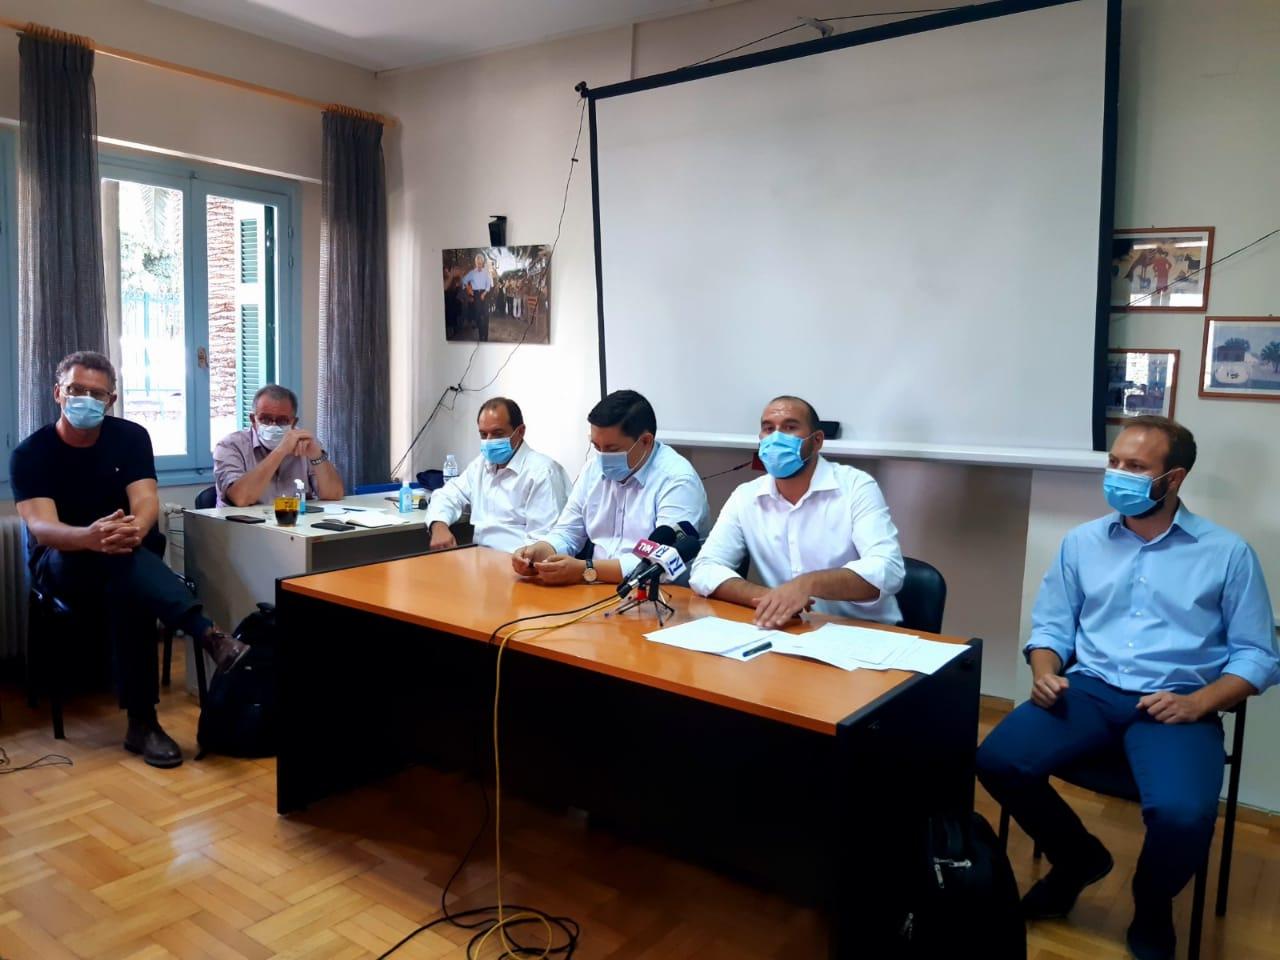 """Δ. Τζανακόπουλος: """"Αν δεν αντιστραφεί η κυβερνητική πολιτική, τα γεγονότα στη Μόρια θα είναι η αρχή μιας αλυσίδας εκρήξεων σε όλη τη χώρα"""""""